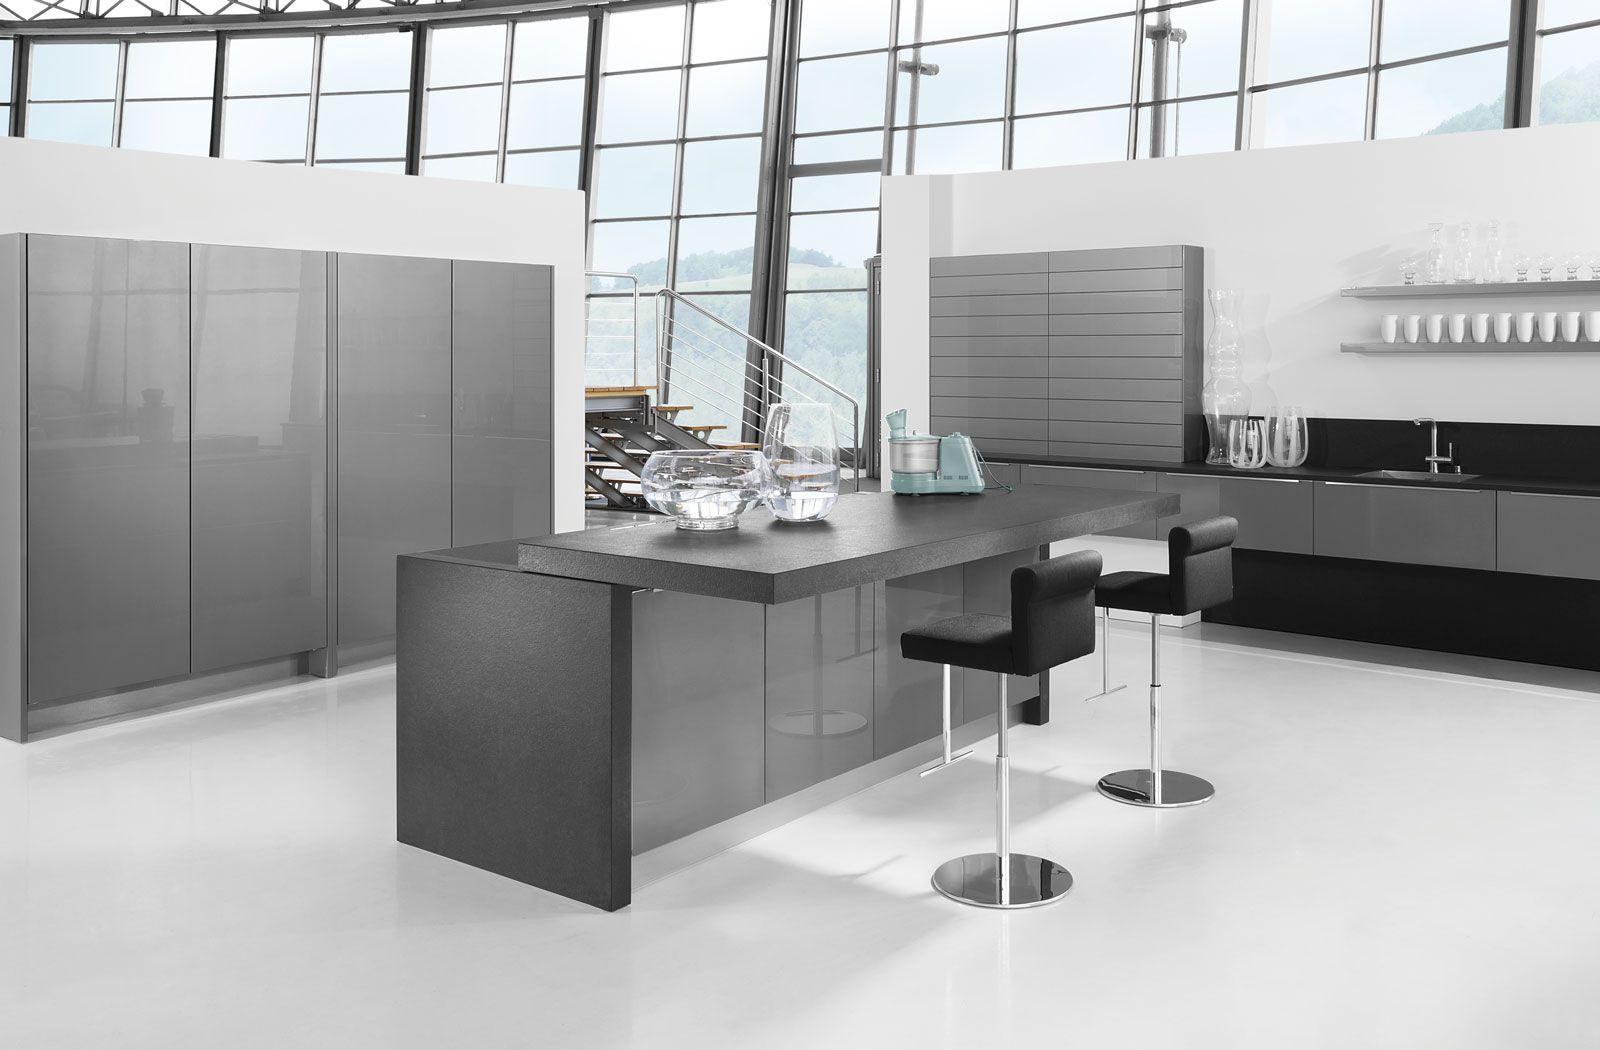 systemat/ART - Häcker Küchen | Küche | Häcker küchen, Küche und Kuchen